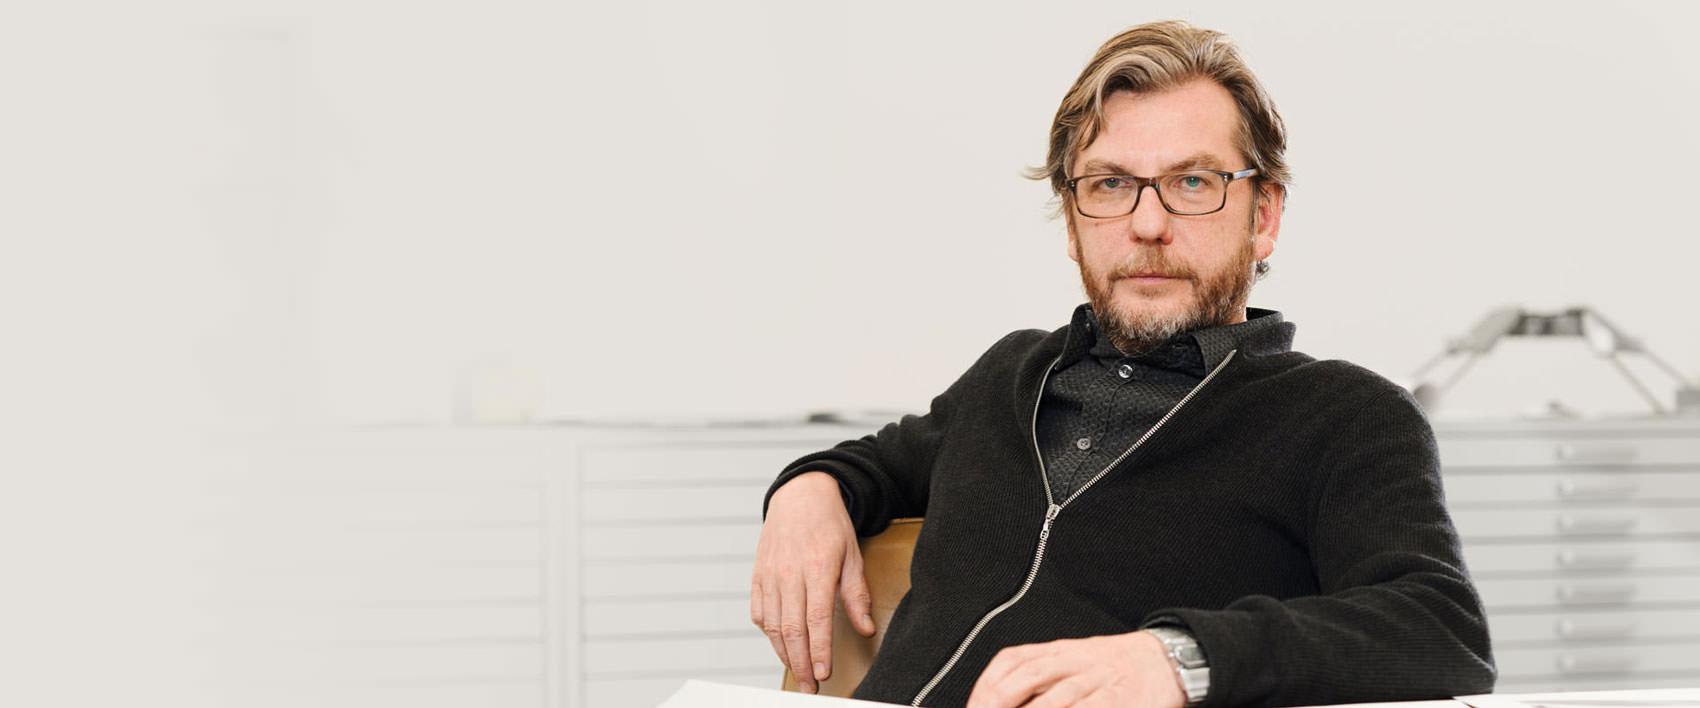 Thomas Ruff sitzend